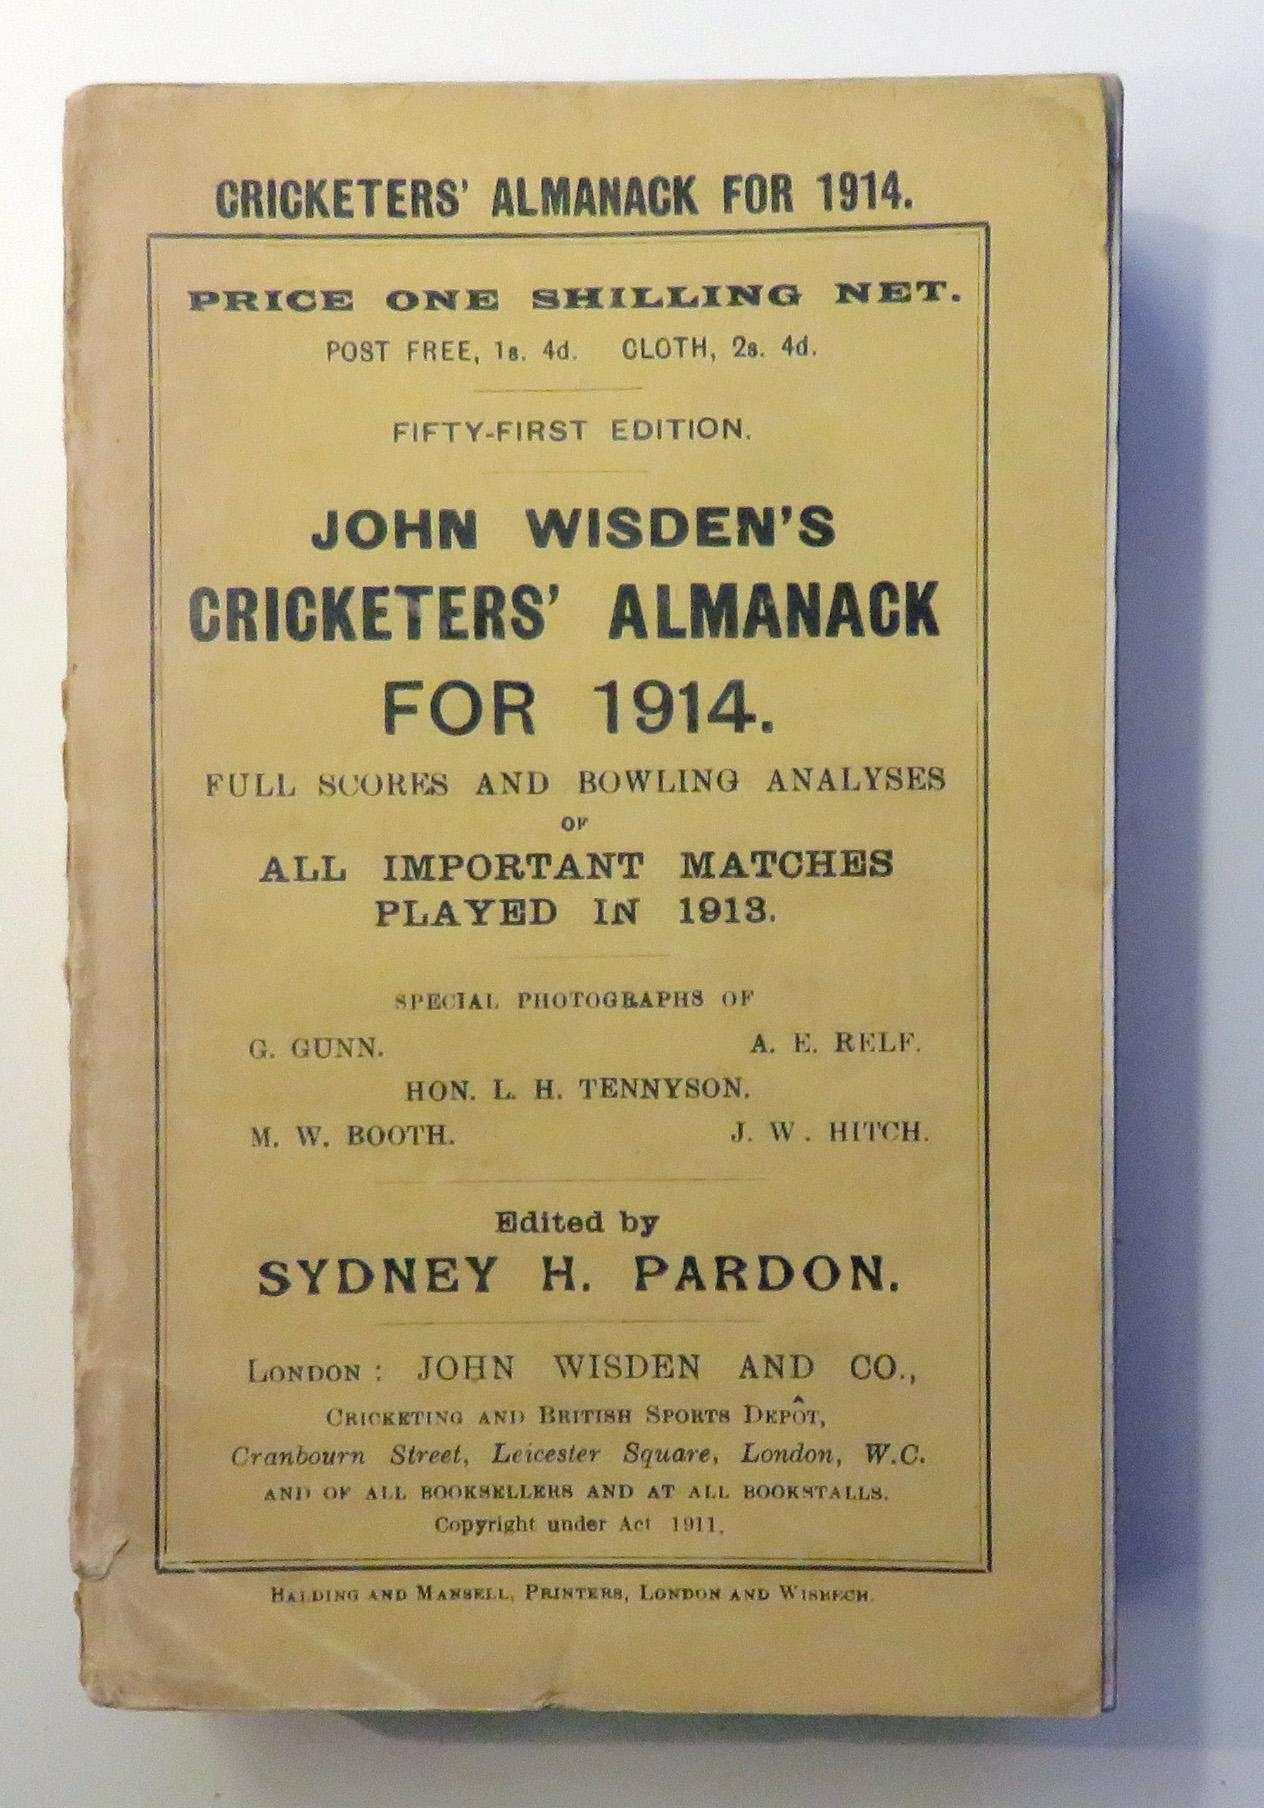 **John Wisden's Cricketers' Almanack For 1914